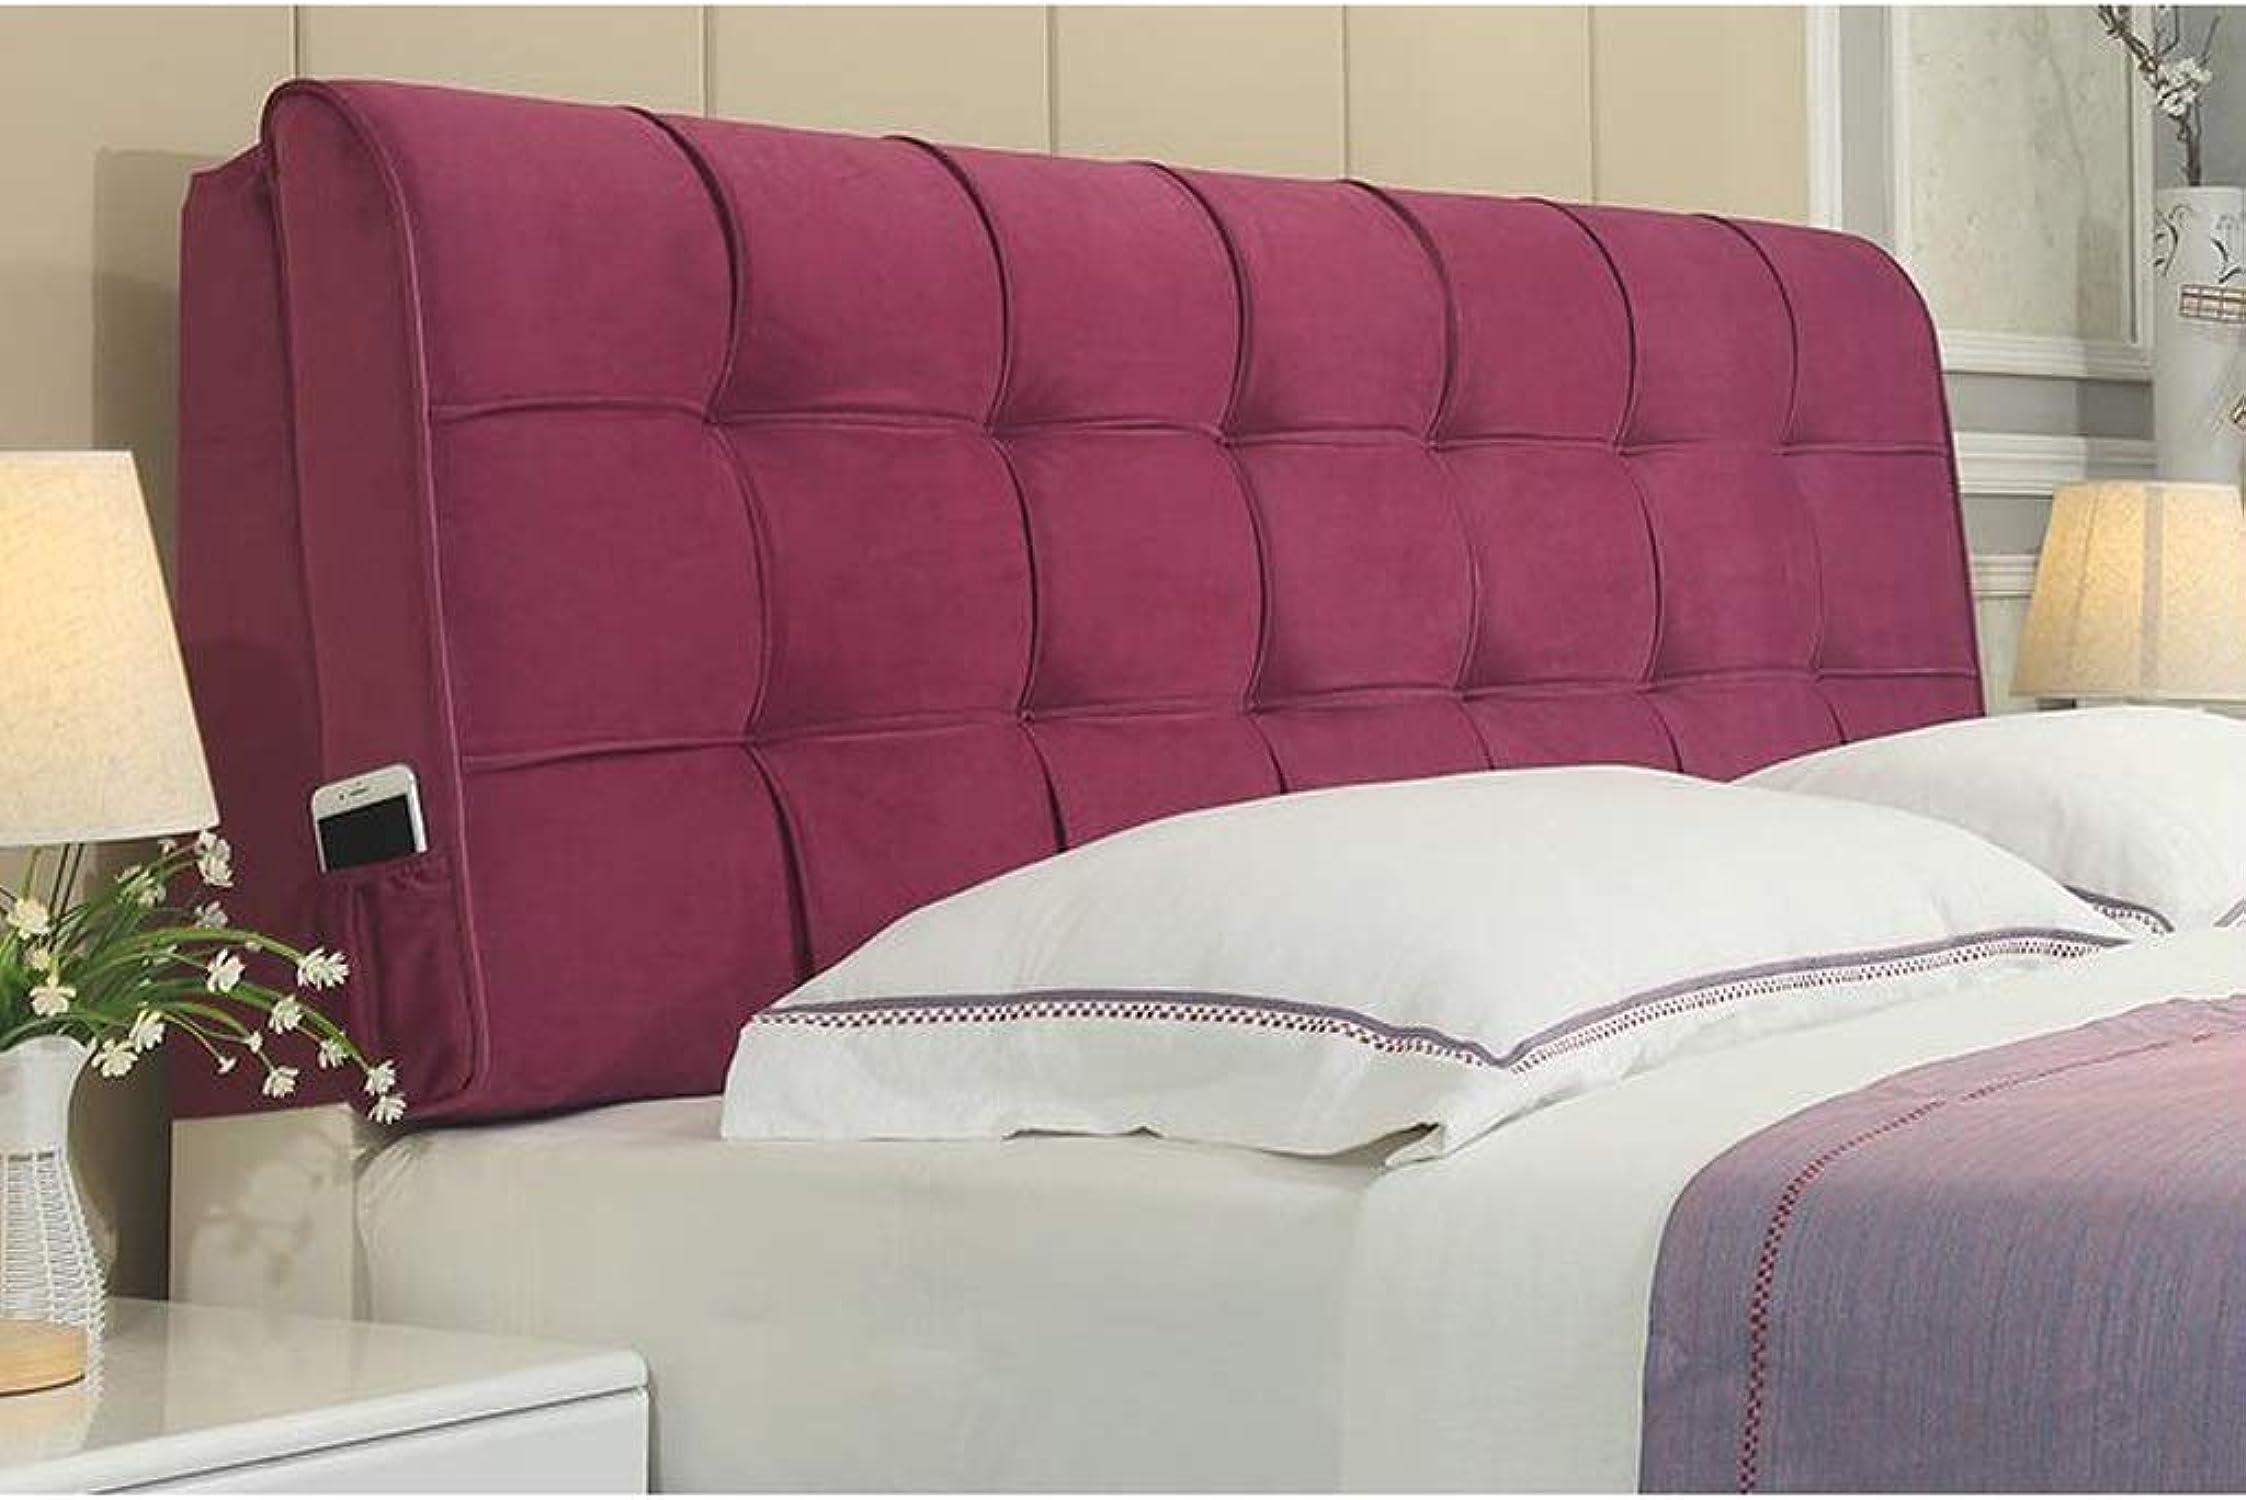 Coussin de tête de lit Lit en tissu Soft Pack Lit double Soft Pack Coussin de lit Grand dossier Oreiller (Couleur   A, Taille   150  58cm)